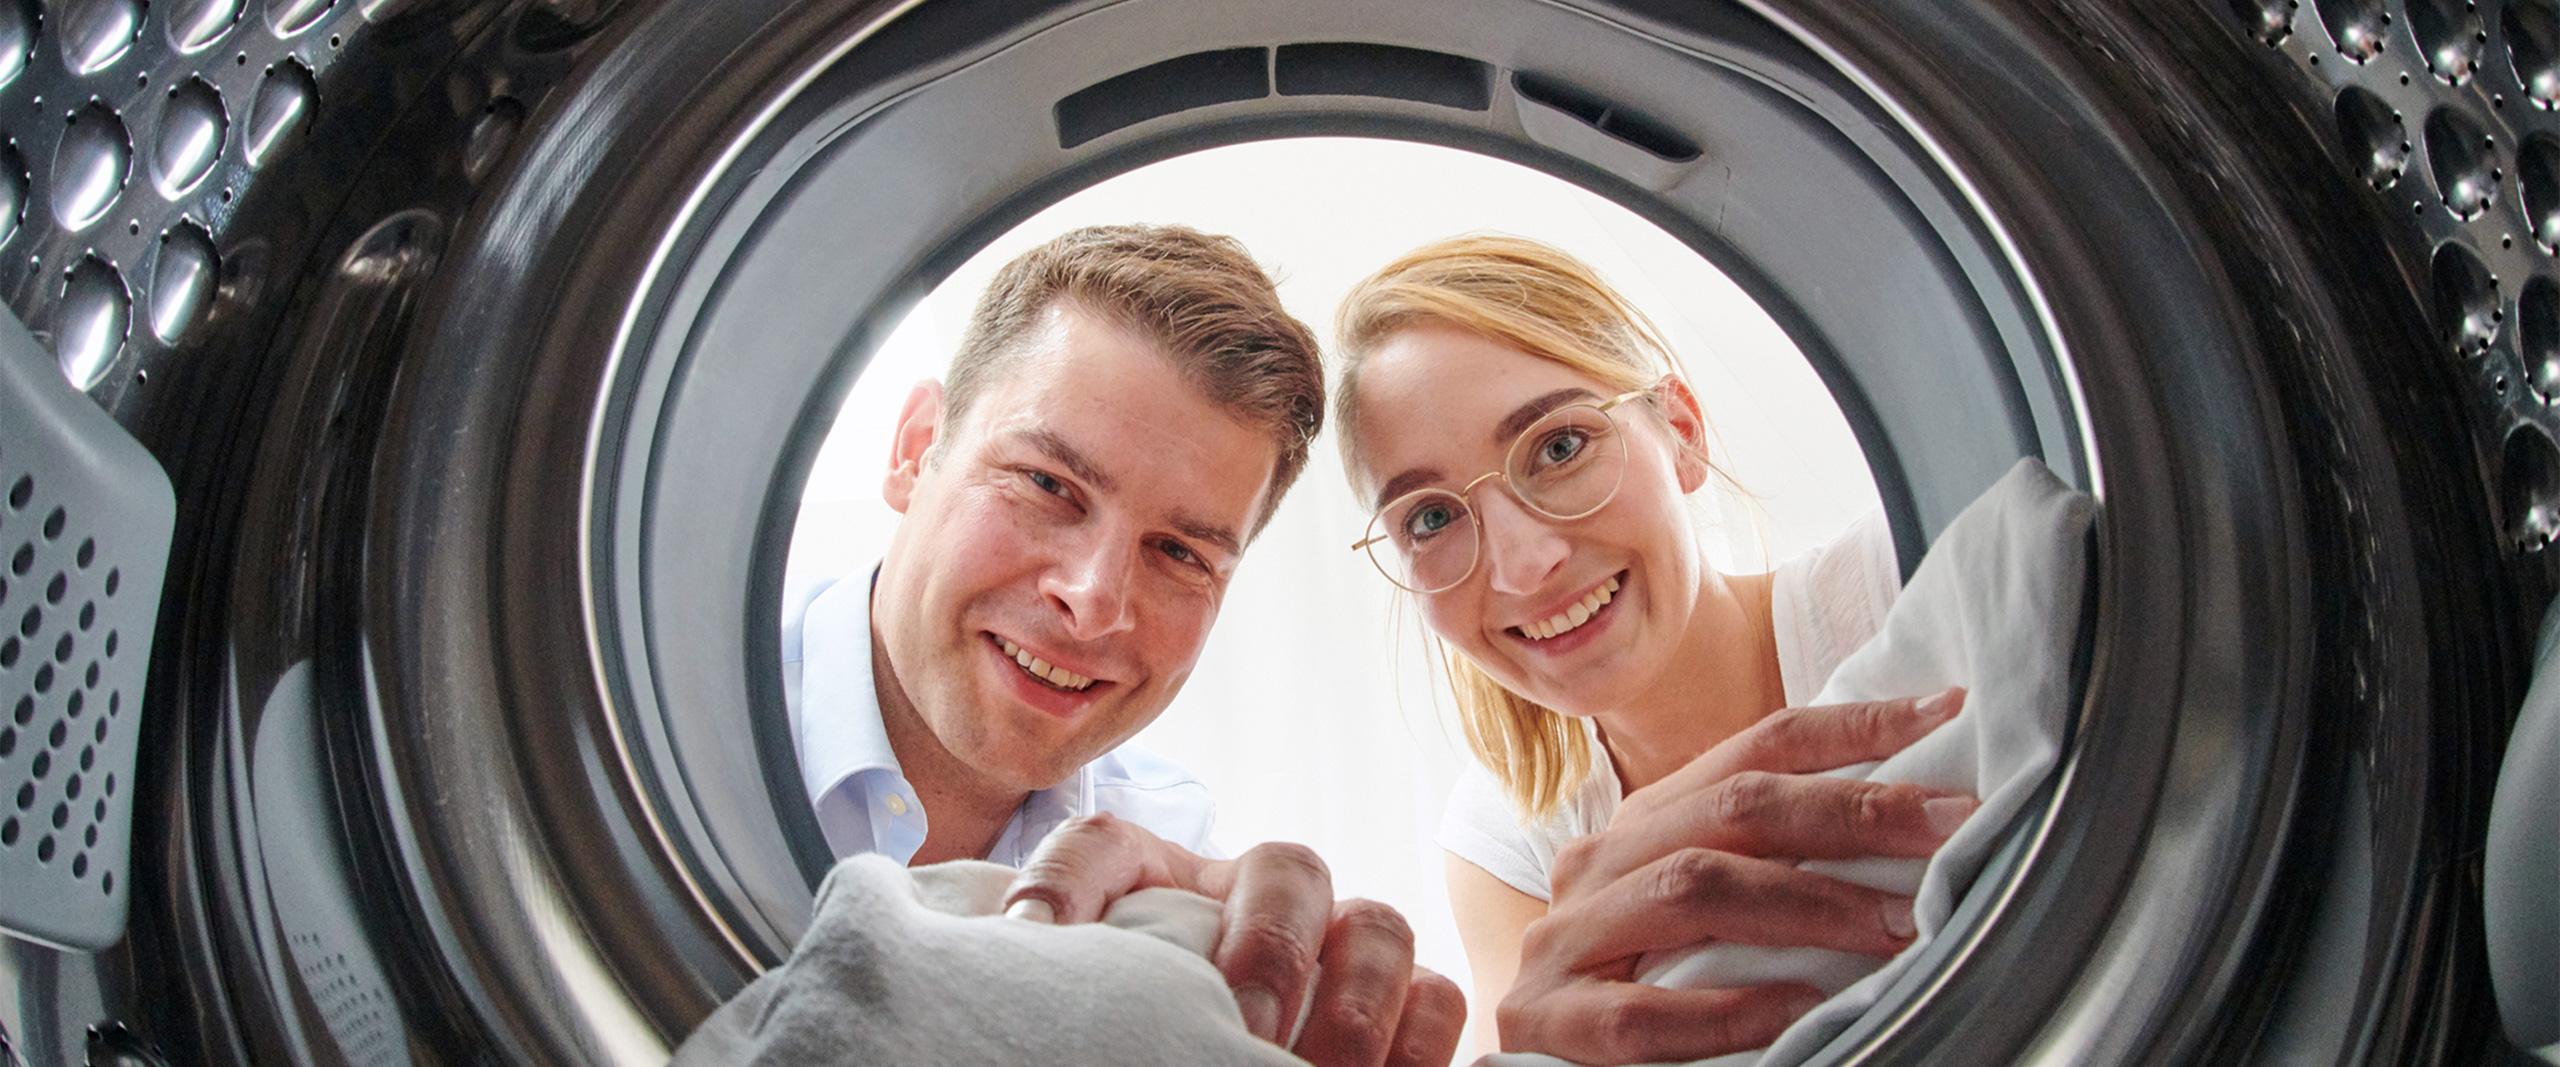 """Neue Studie zu """"Waschmaschinen als Überträger von Krankheitserregern"""": Probanden gesucht"""